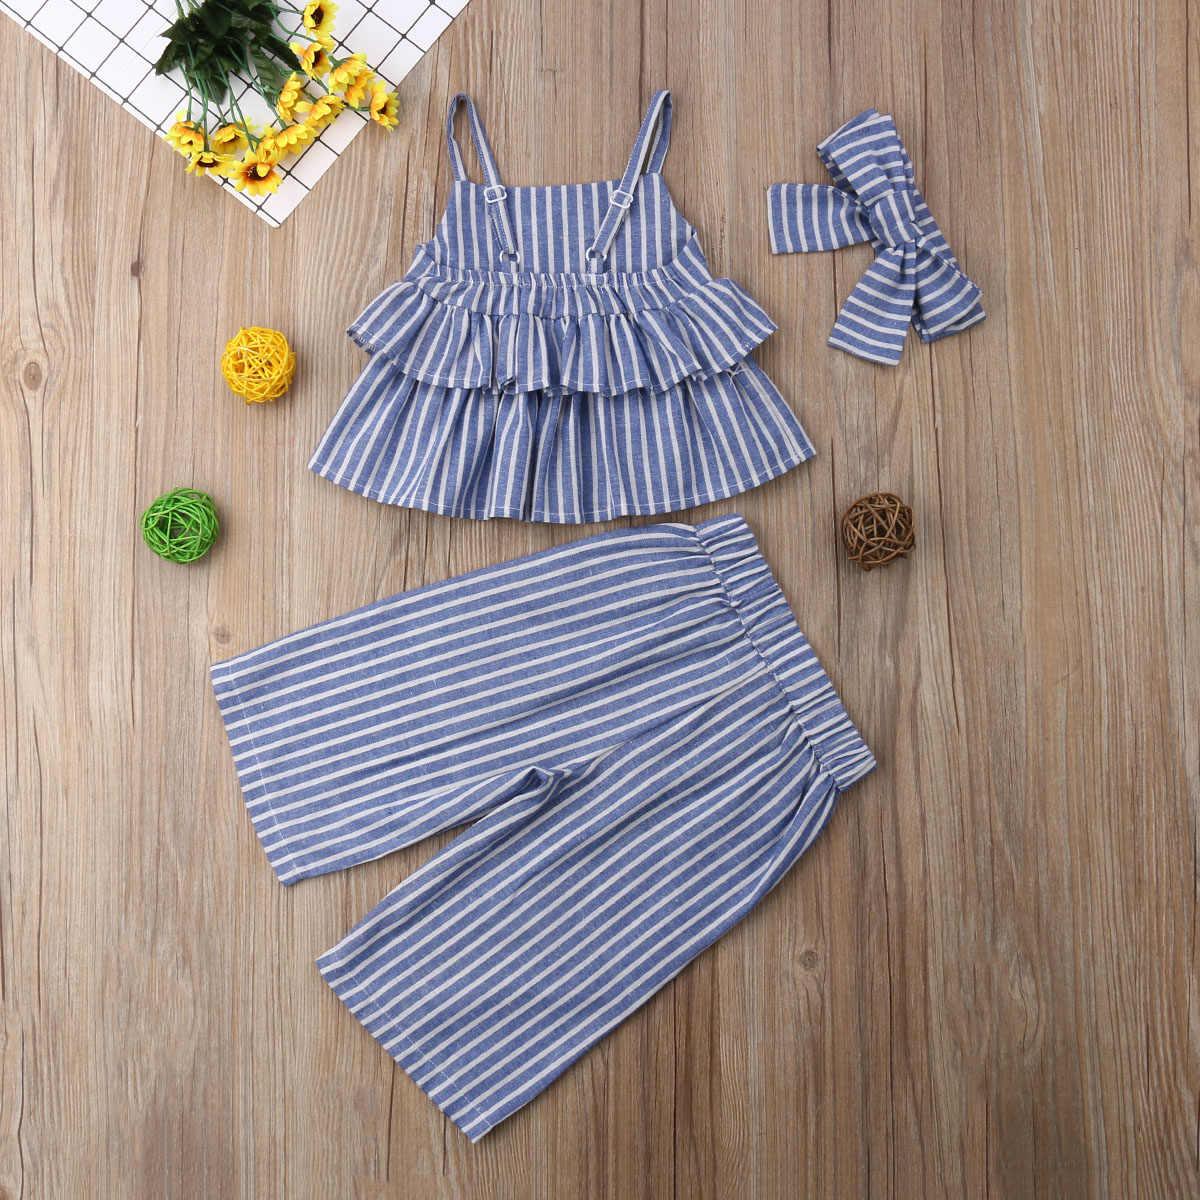 2019 Marka Yeni Bebek Bebek Kız Boho Giysileri 3 ADET Setleri Çizgili kolsuz yelek Mahsul Tops + Geniş Bacak Pantolon + kafa bandı Yaz Setleri